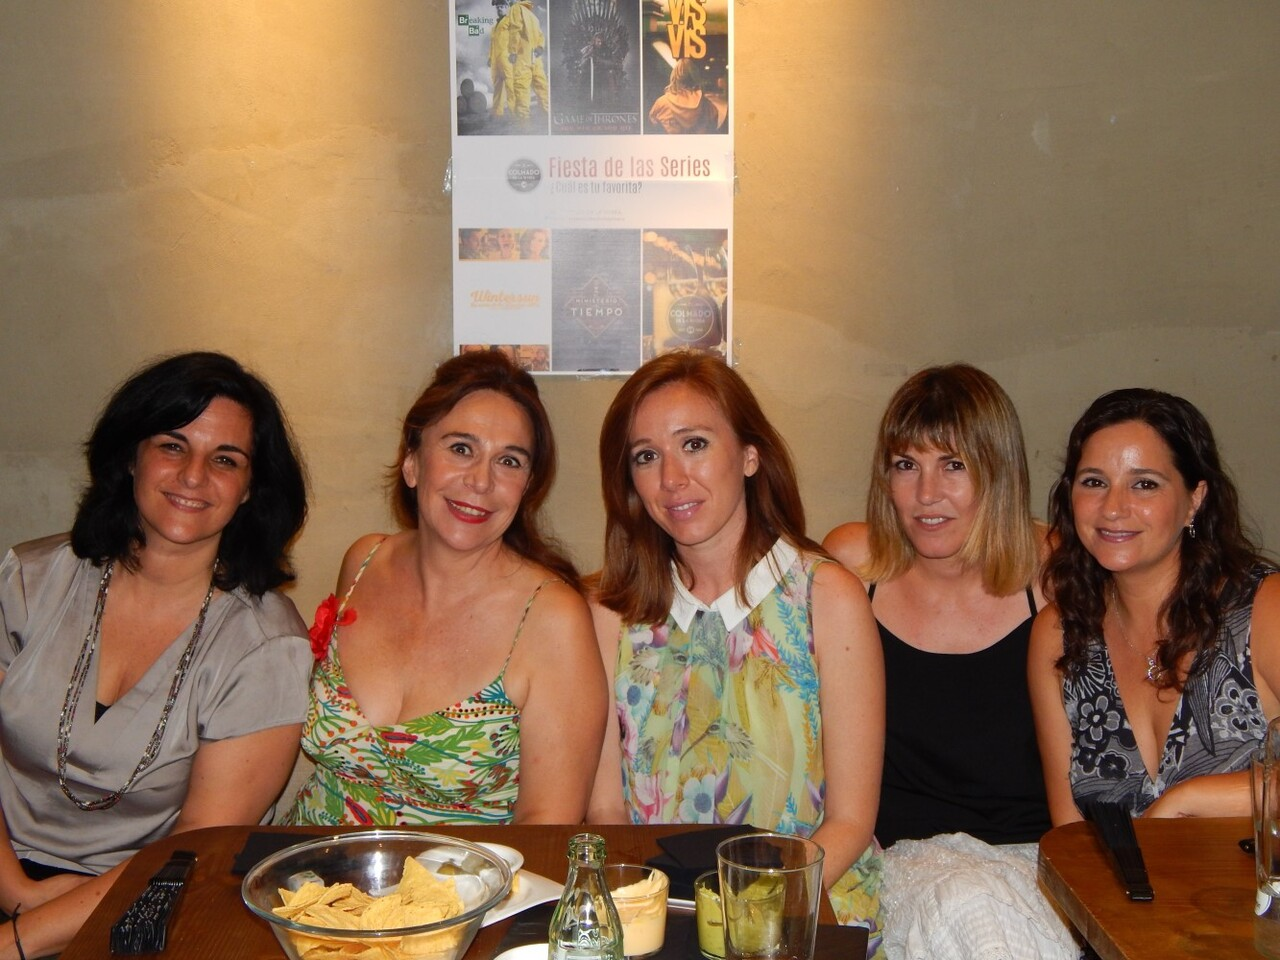 Marian Marín, Lola Moltó,Maria Albiñana, Ana Ramón, Carmen Juan –